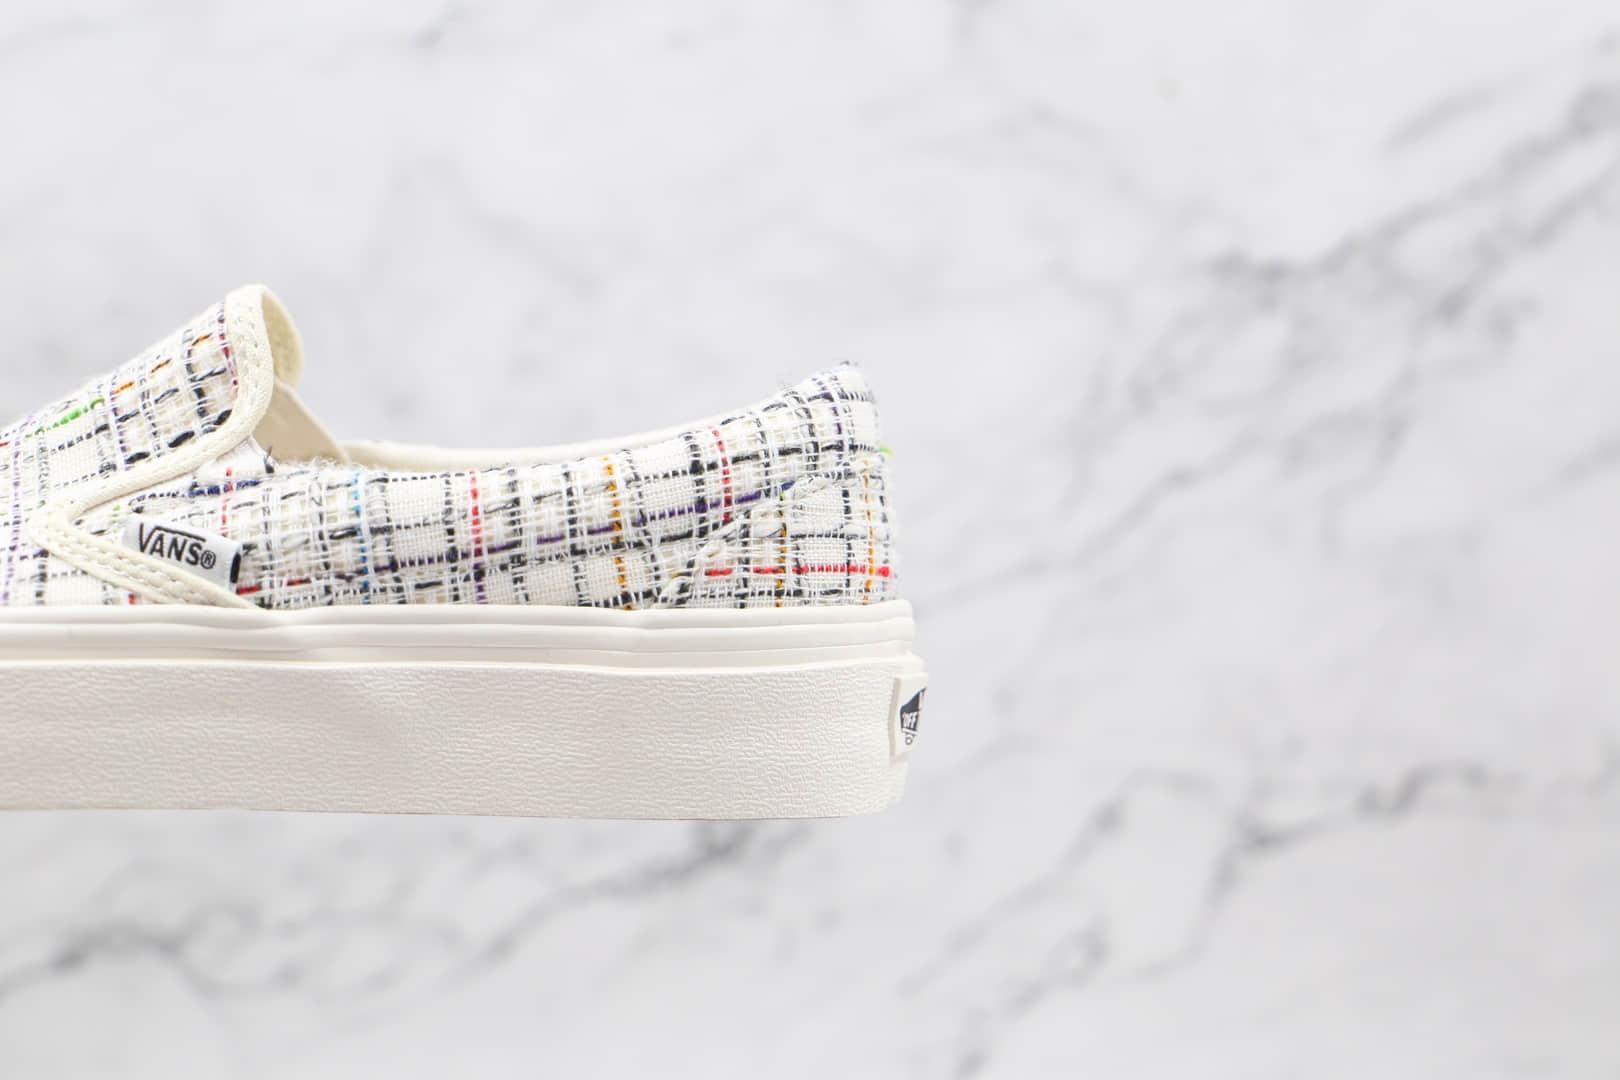 万斯Vans Authentic 44 DX公司级版本高定系列懒人一脚蹬小香风低帮帆布板鞋奶白色原楦开发 货号:VN0A5KS96SV